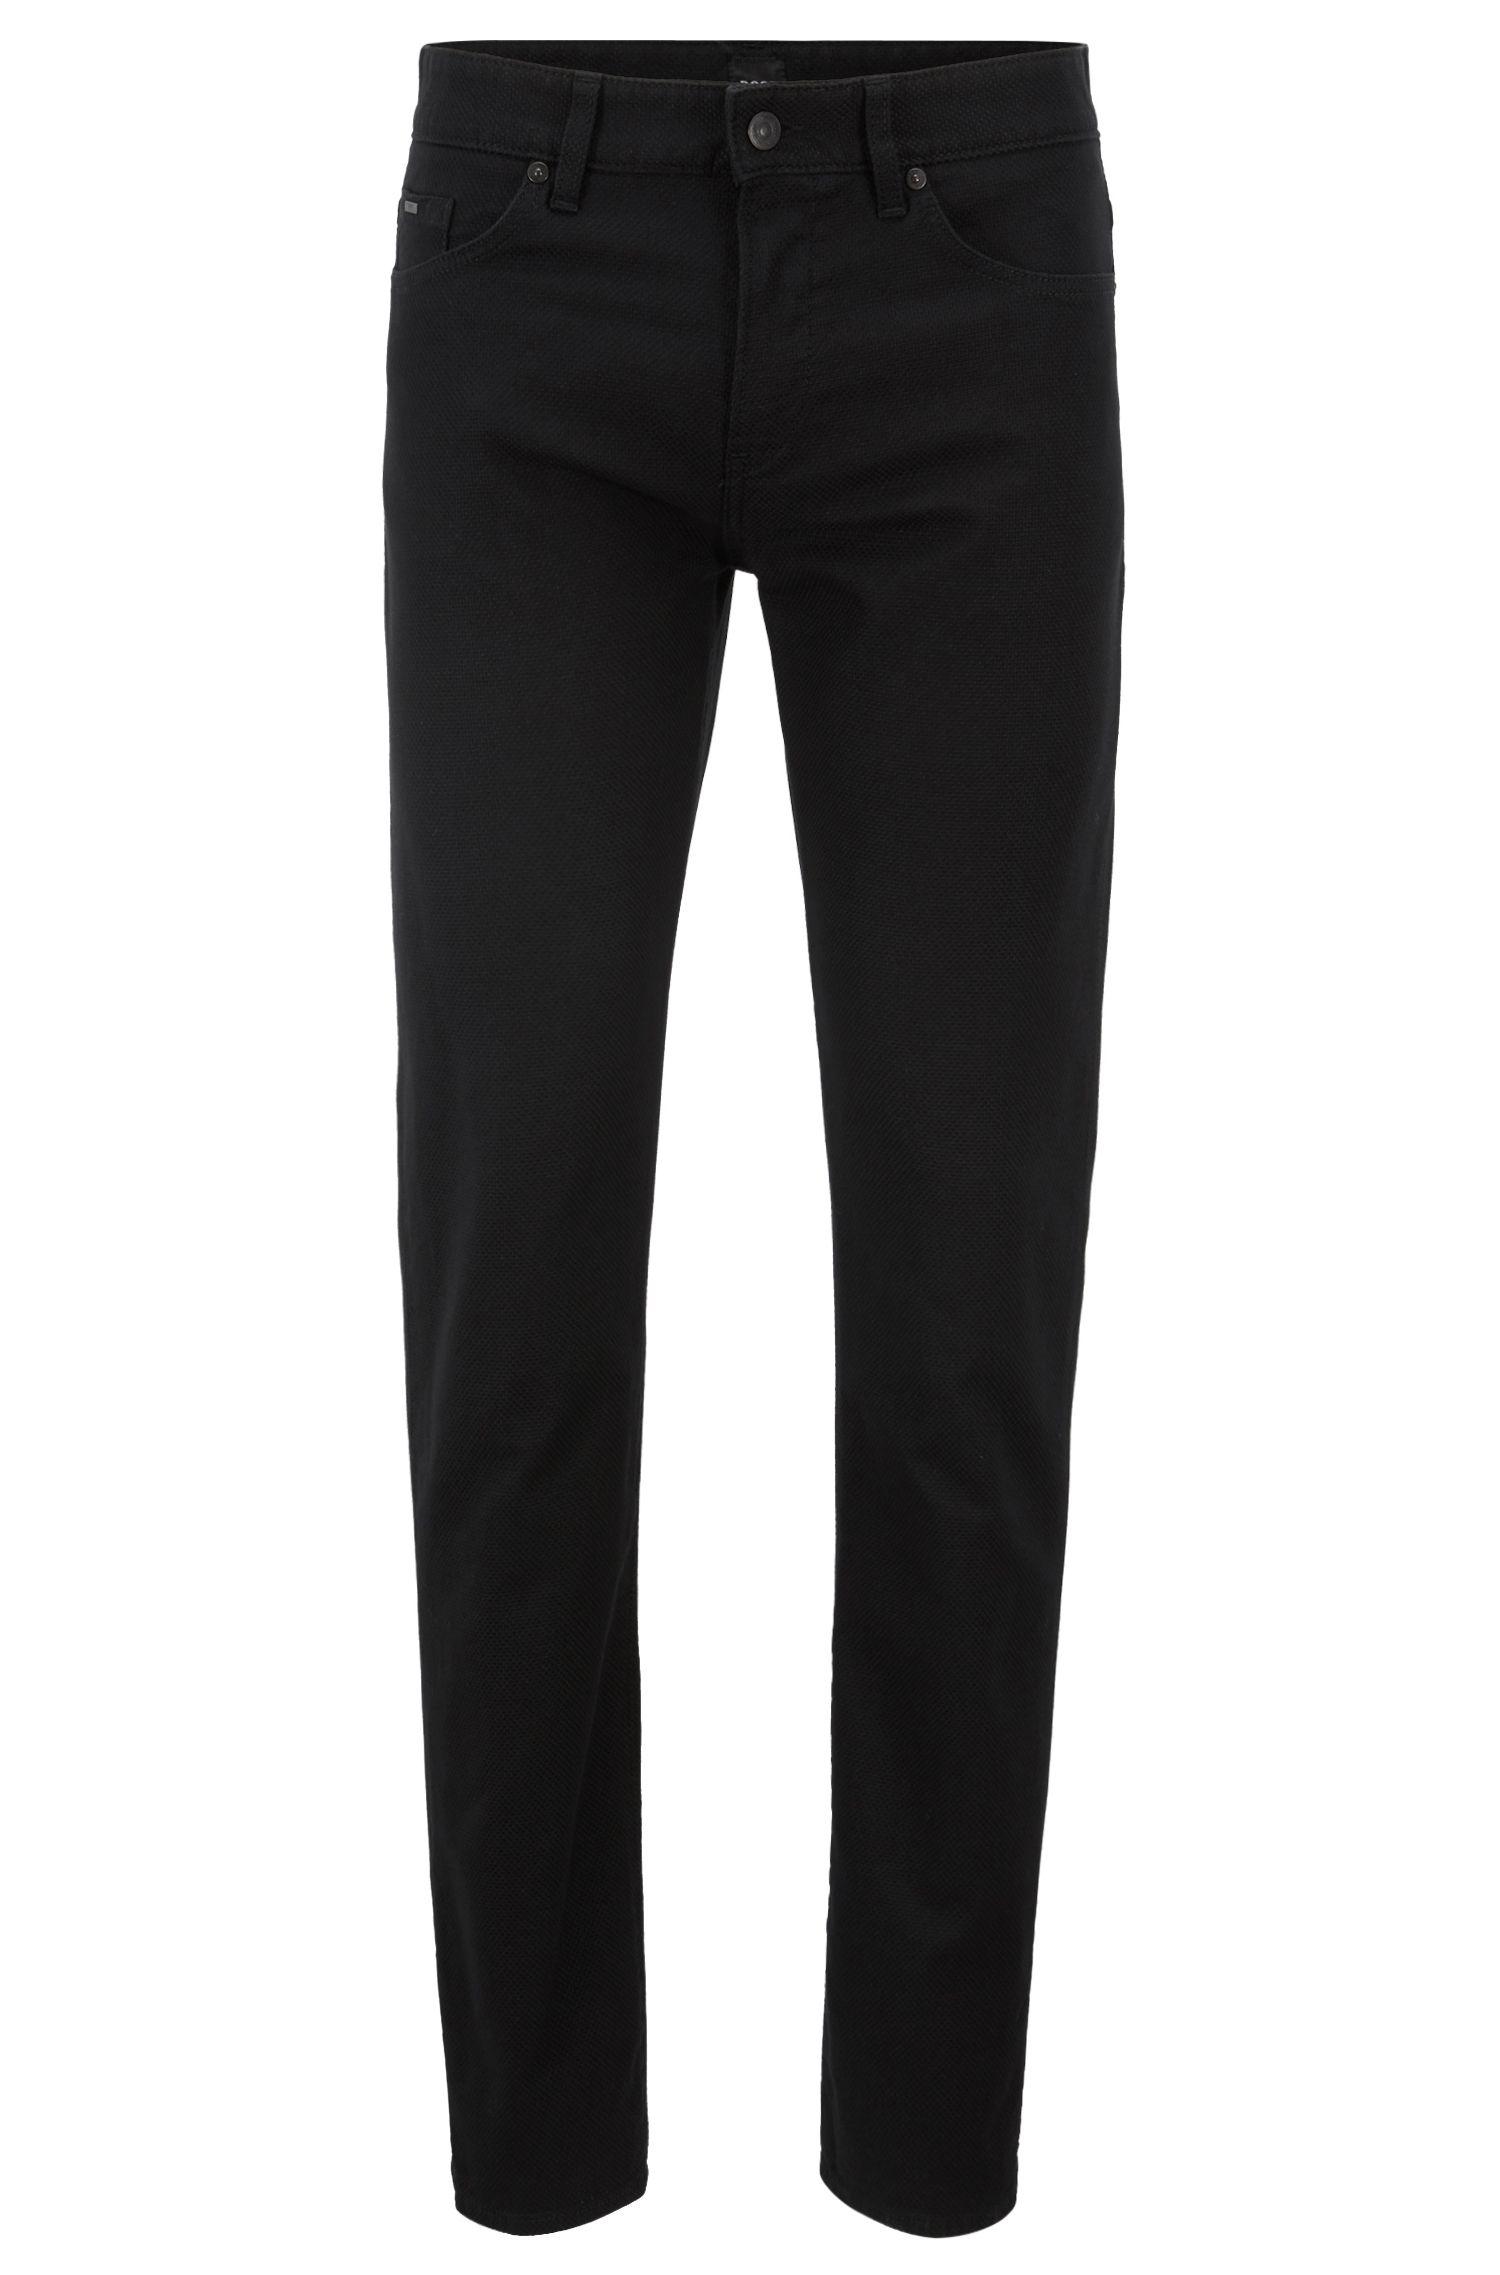 Slim-fit jeans in Italian 3D-structured stretch denim, Black